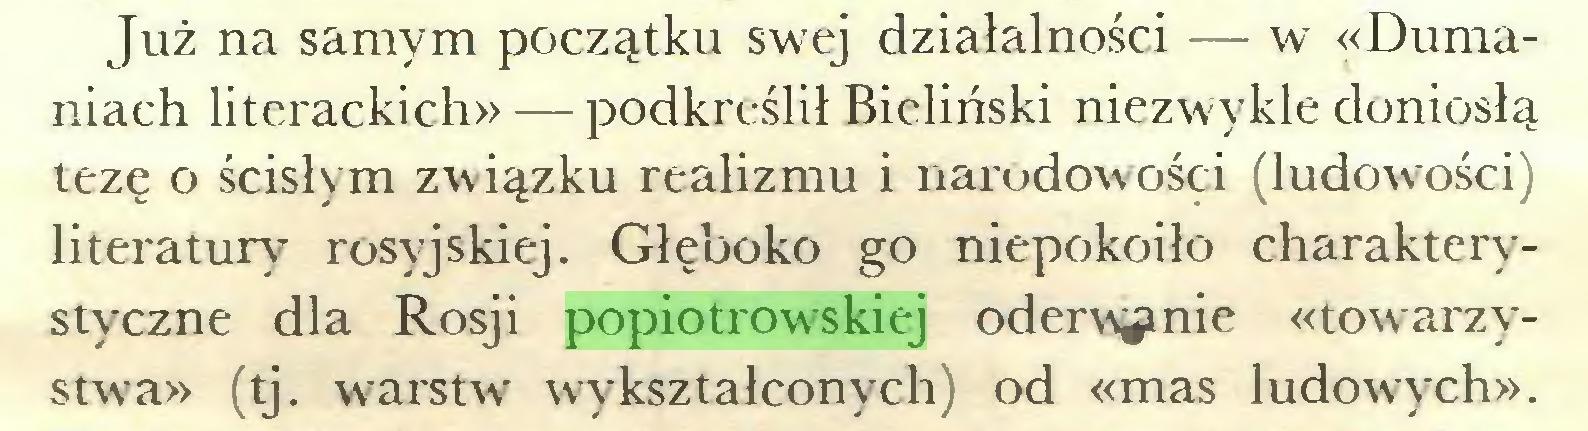 (...) Już na samym początku swrej działalności — w «Dumaniach literackich» — podkreślił Bieliński niezwykle doniosłą tezę o ścisłym związku realizmu i narodowości (ludowości) literatury rosyjskiej. Głęboko go niepokoiło charakterystyczne dla Rosji popiotrowskiej oderwanie «towarzystwa» (tj. warstw wykształconych) od «mas ludowych»...